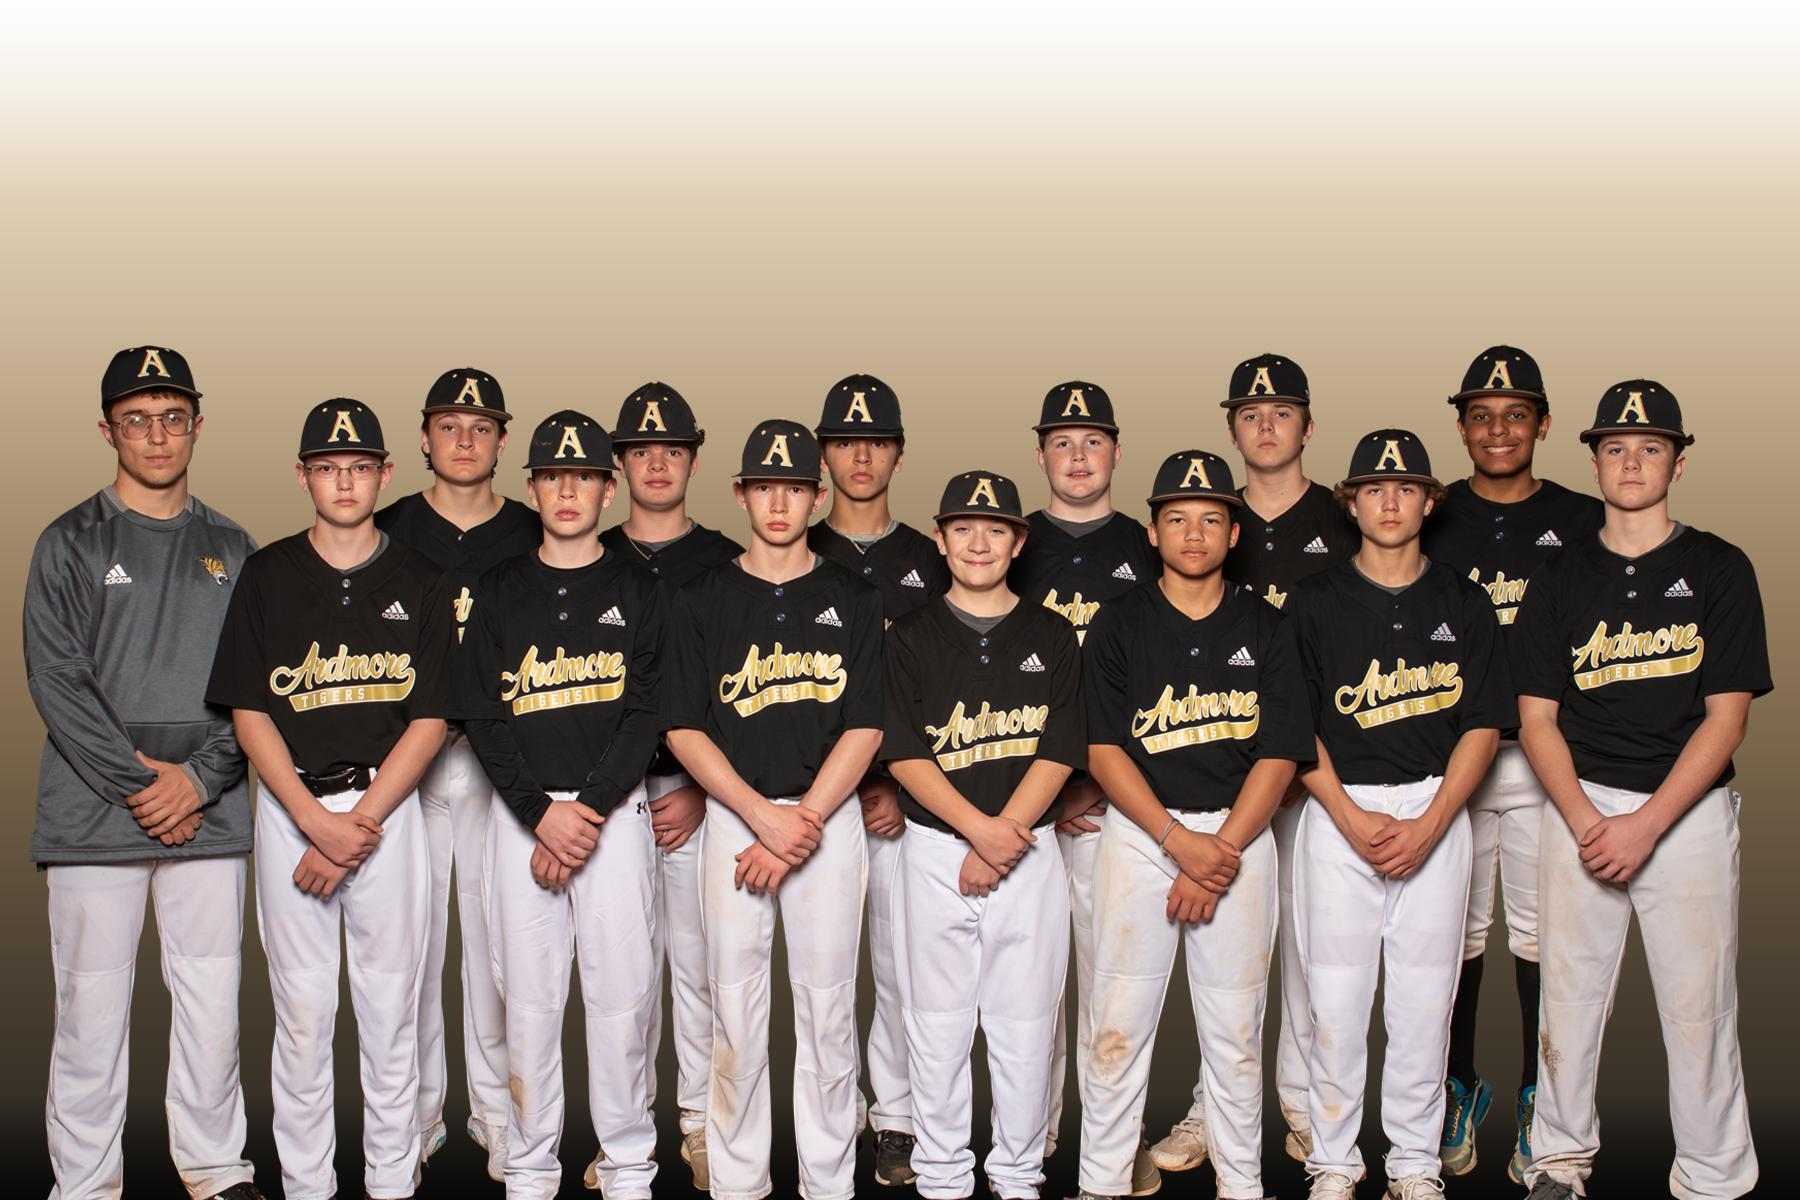 Our 8th Grade Baseball Team